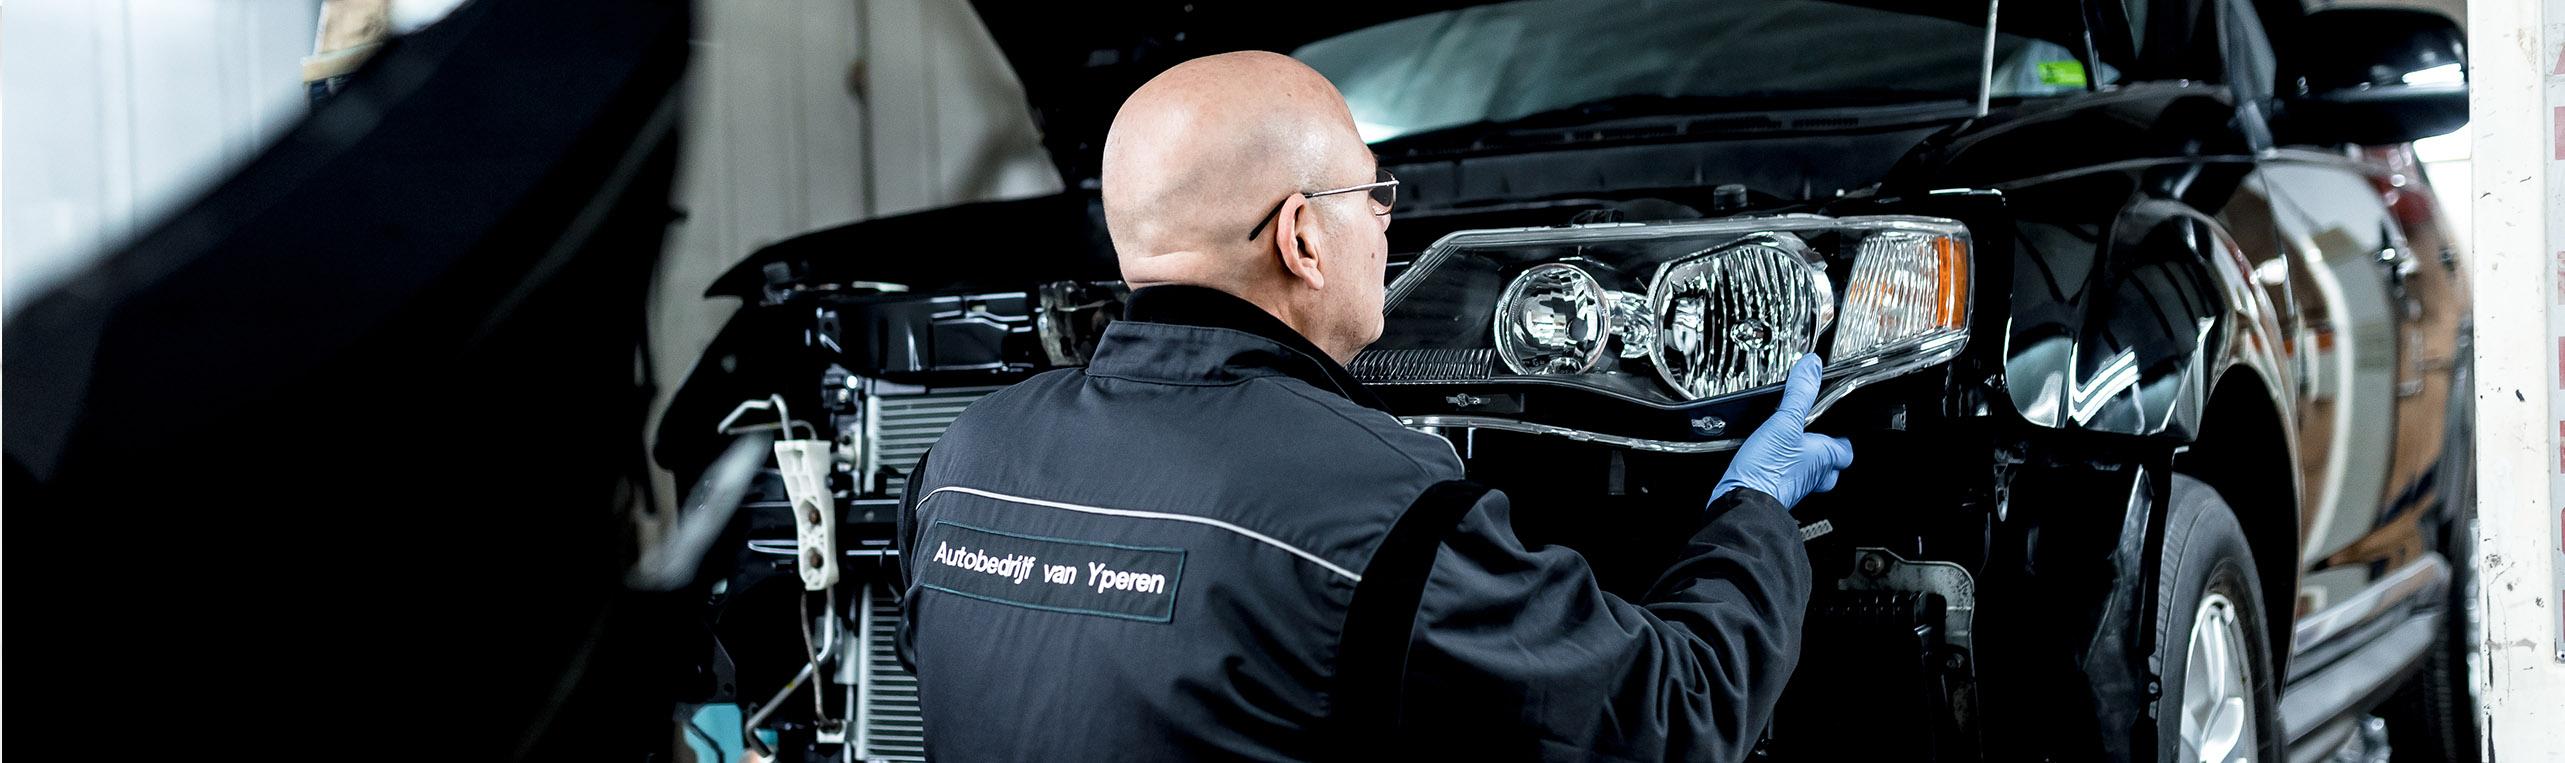 Schade en ruitreparatie bij autobedrijf van Yperen